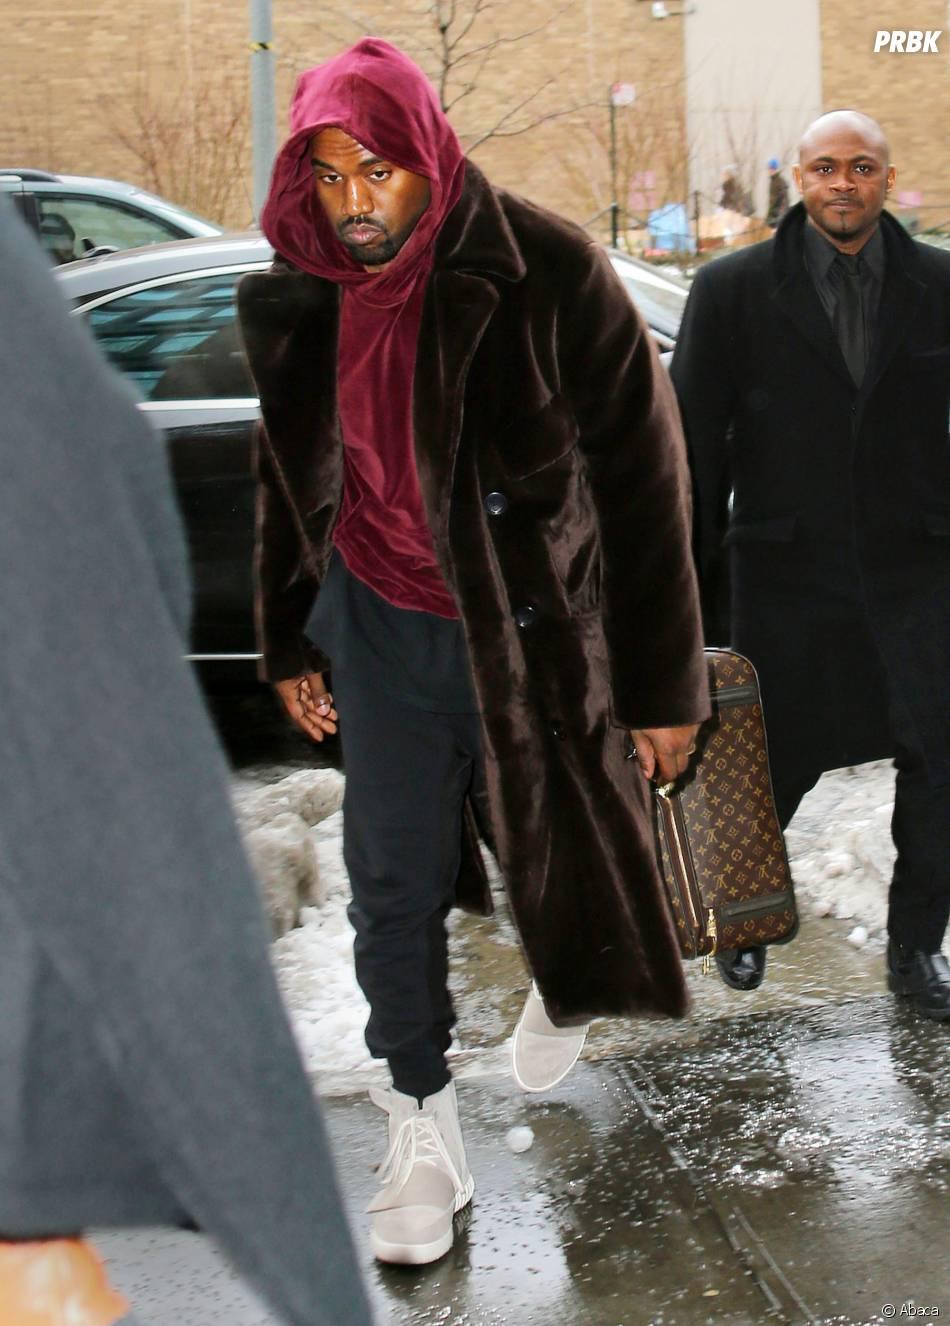 Kanye West et ses sneakers Yeezy 750 Boost x Adidas aux pieds, le 9 février 2015